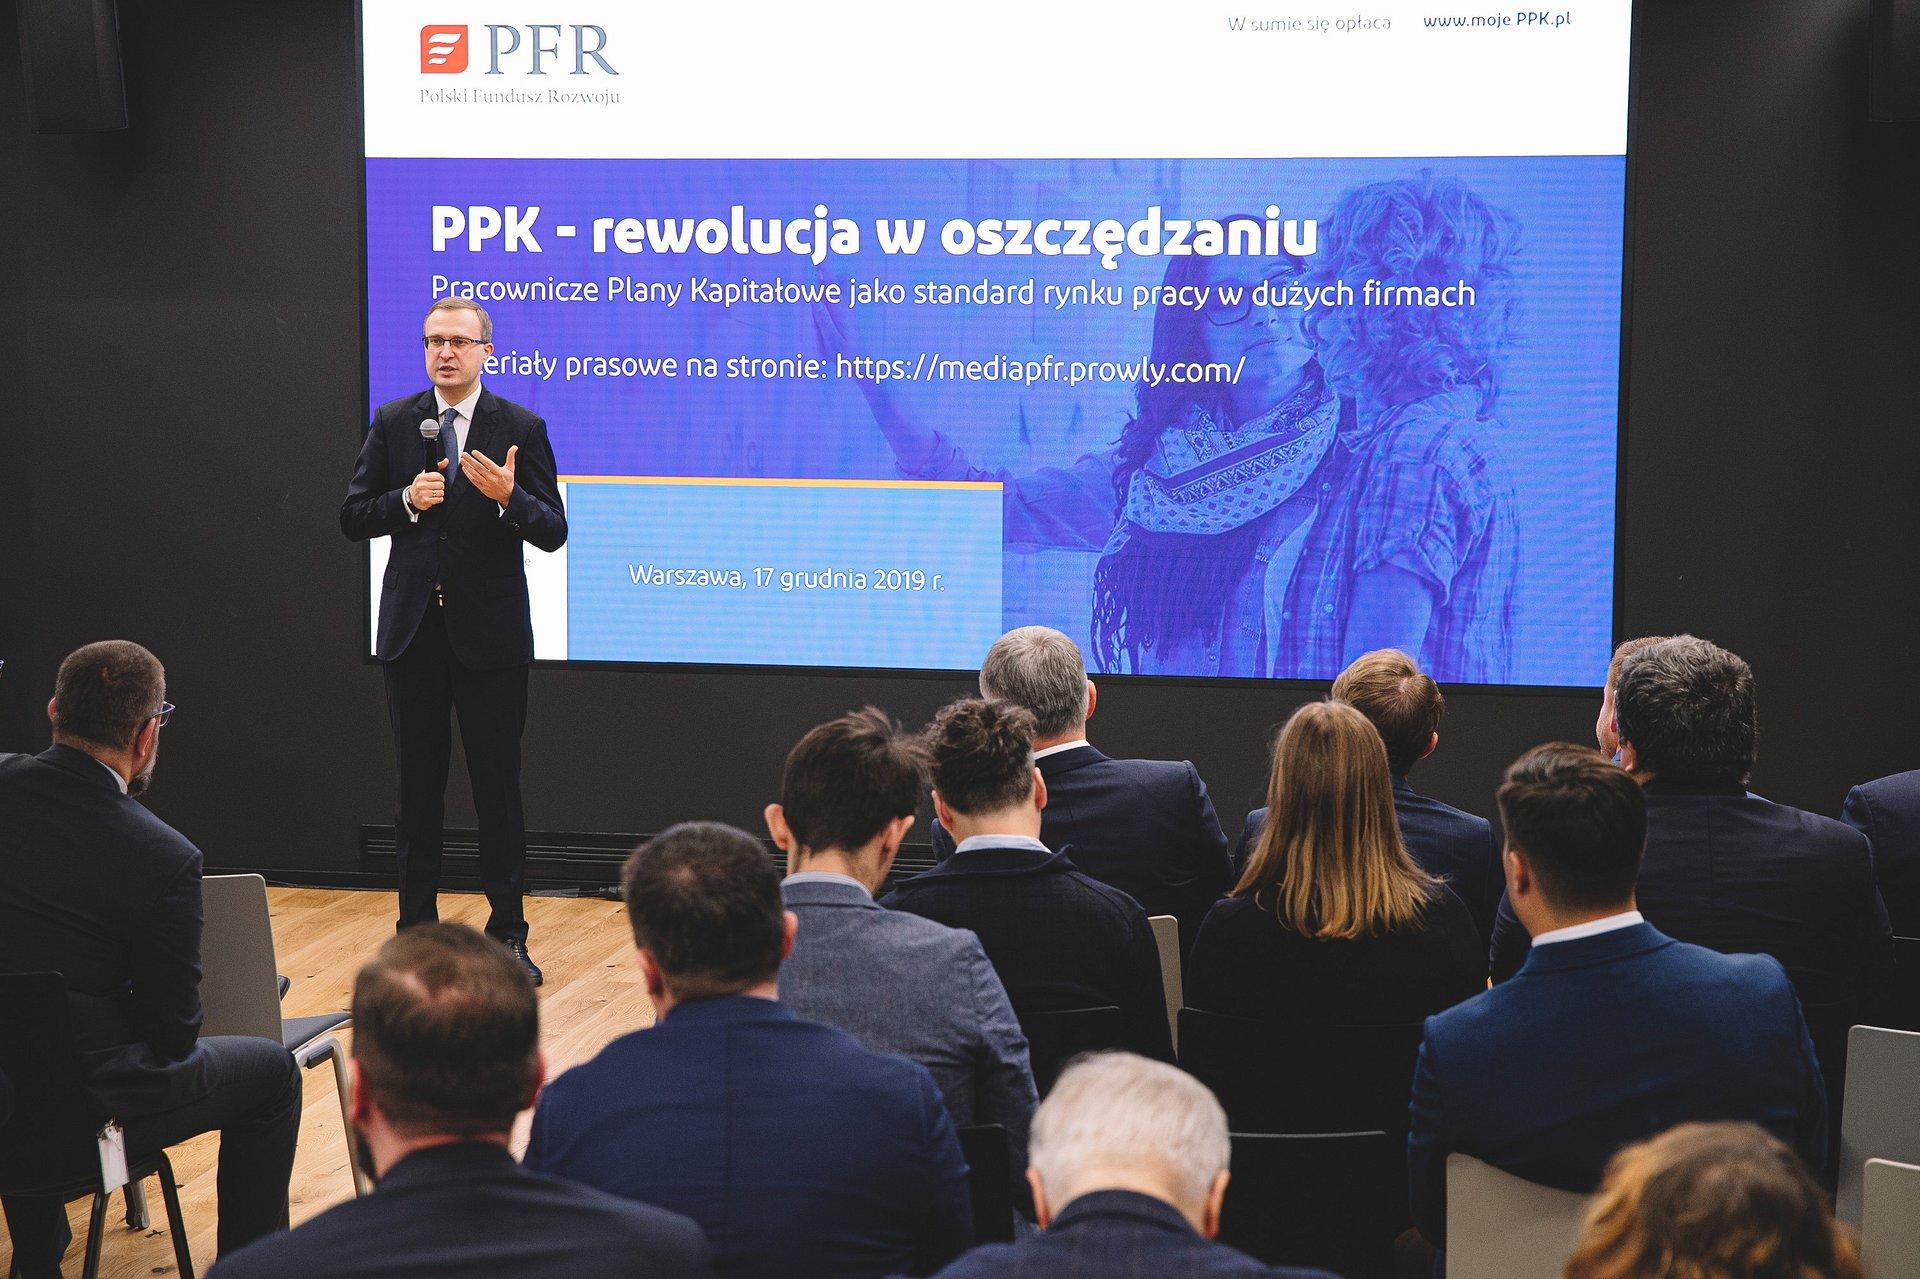 Programy emerytalne standardem w dużych firmach - ponad 1,5 mln uczestników PPK i PPE